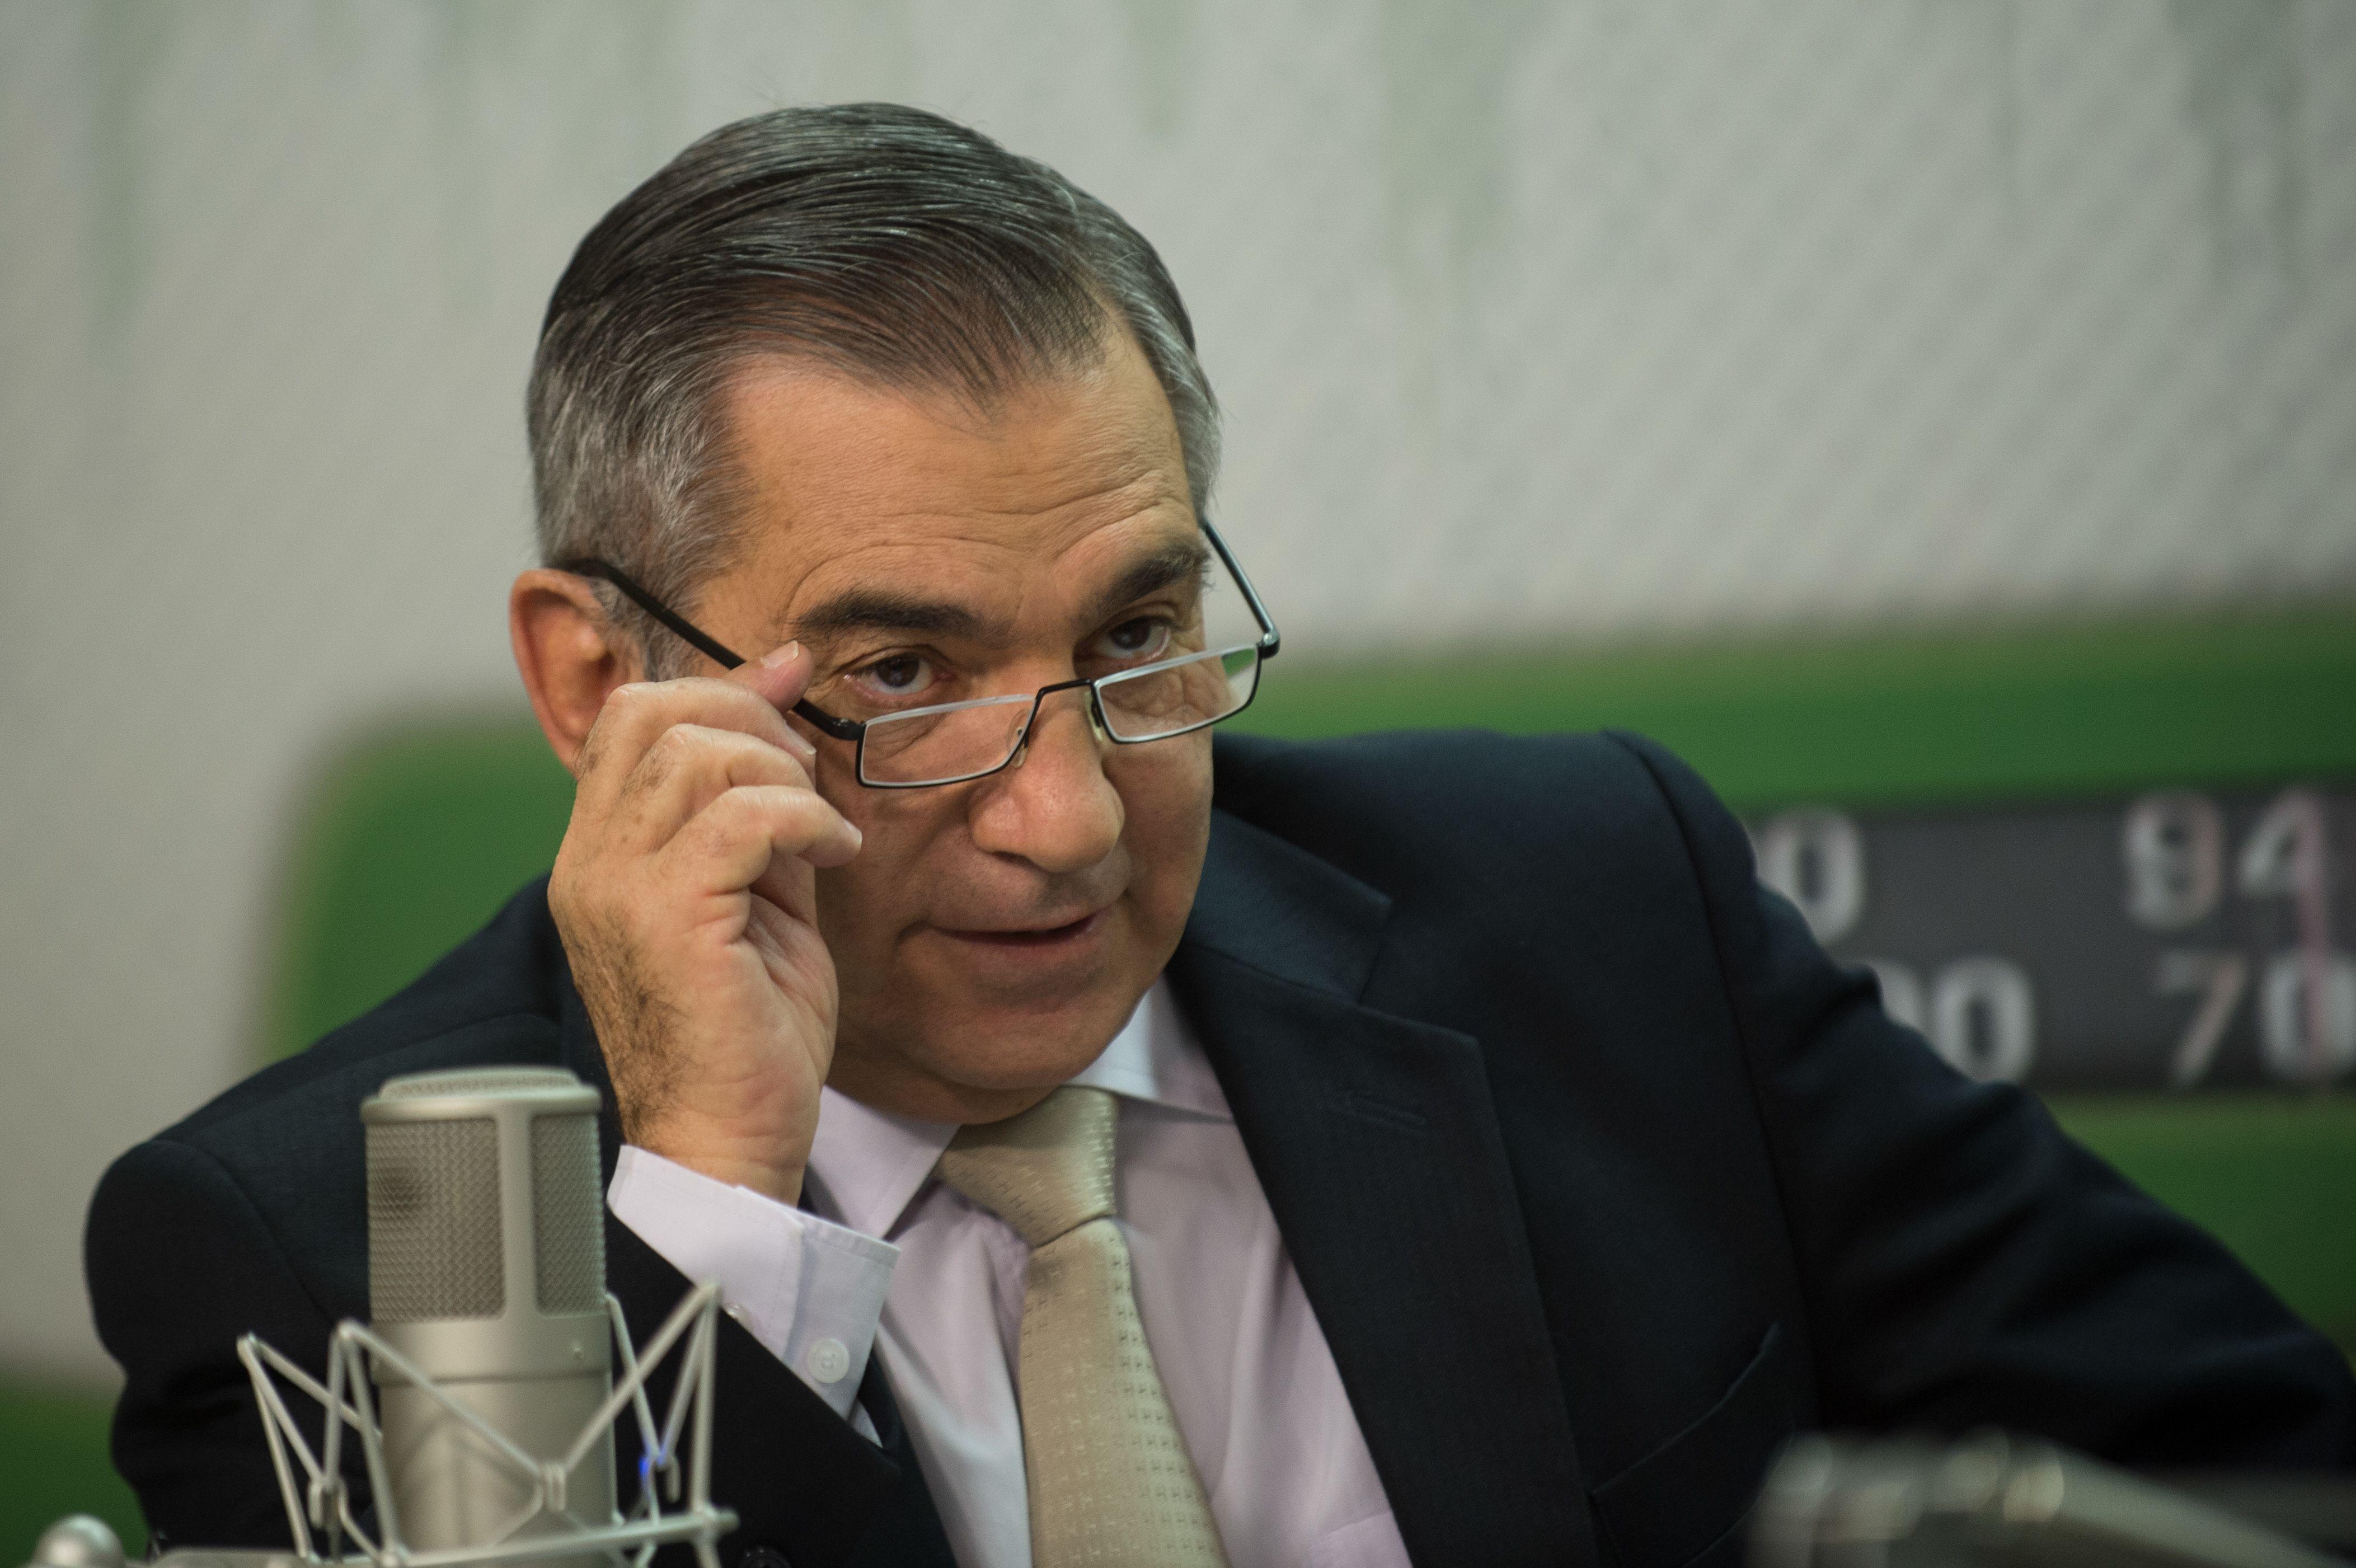 IMAGEM: Gilberto Carvalho confirma reunião de Lula com operador da Zelotes